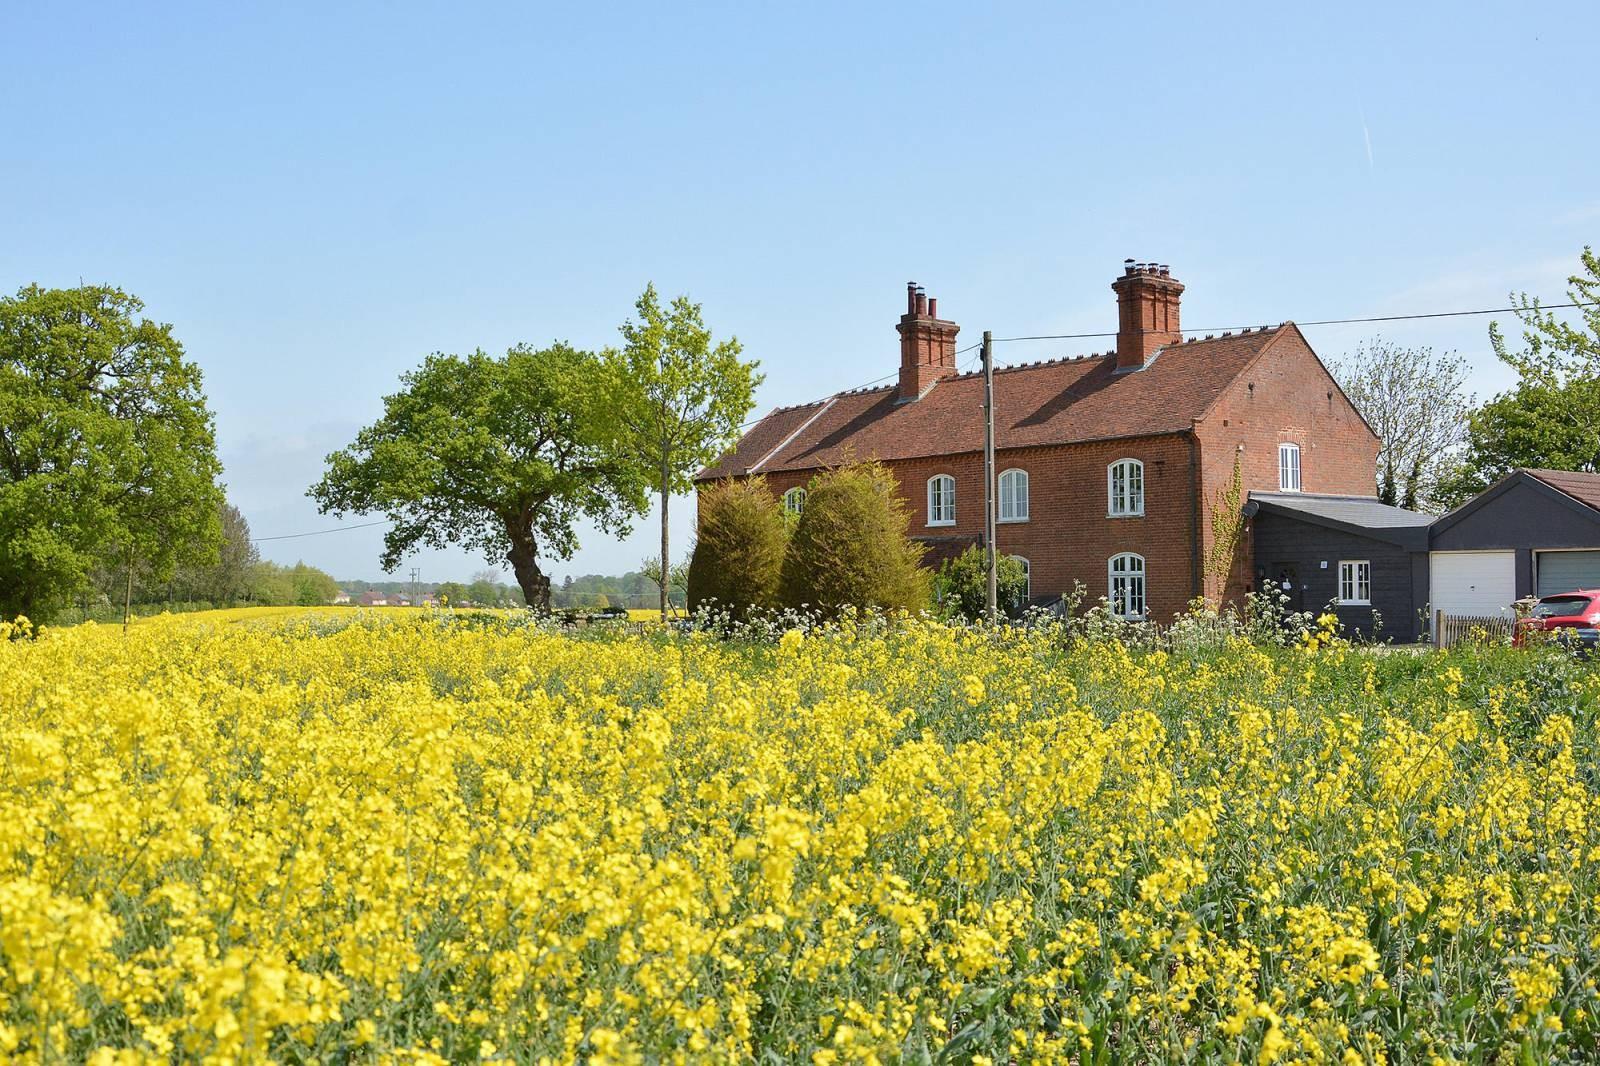 Cottage in Suffolk